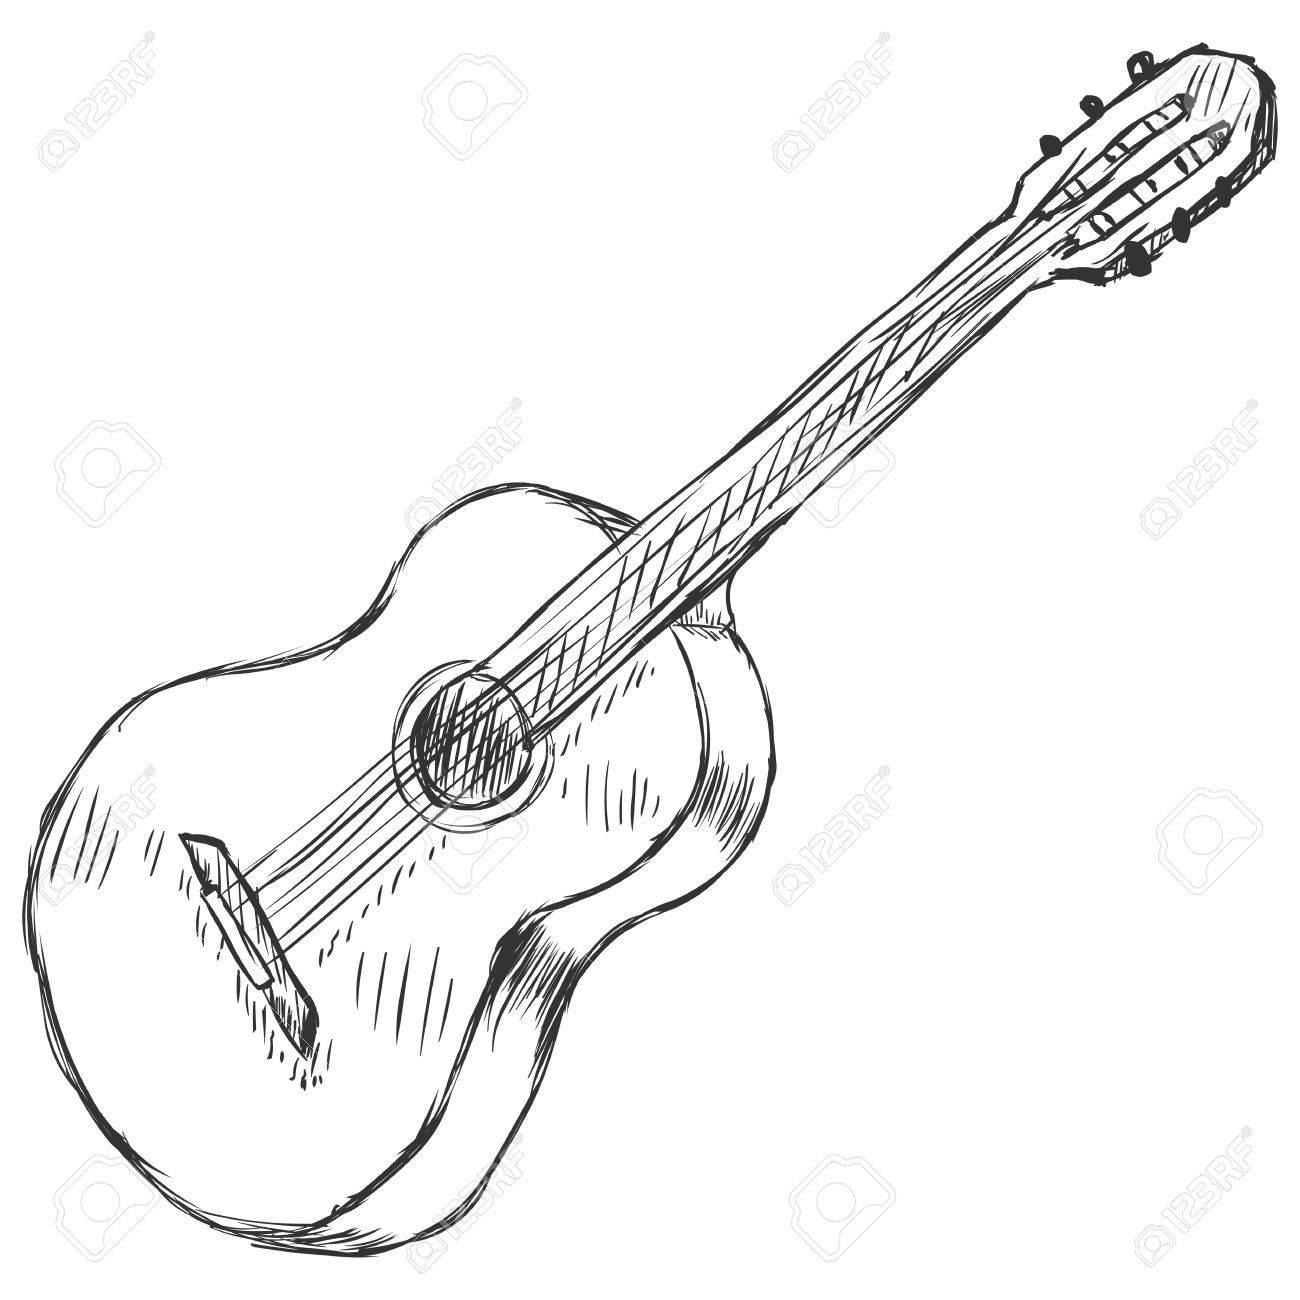 Vector Sketch Acoustic Guitar - 62675506